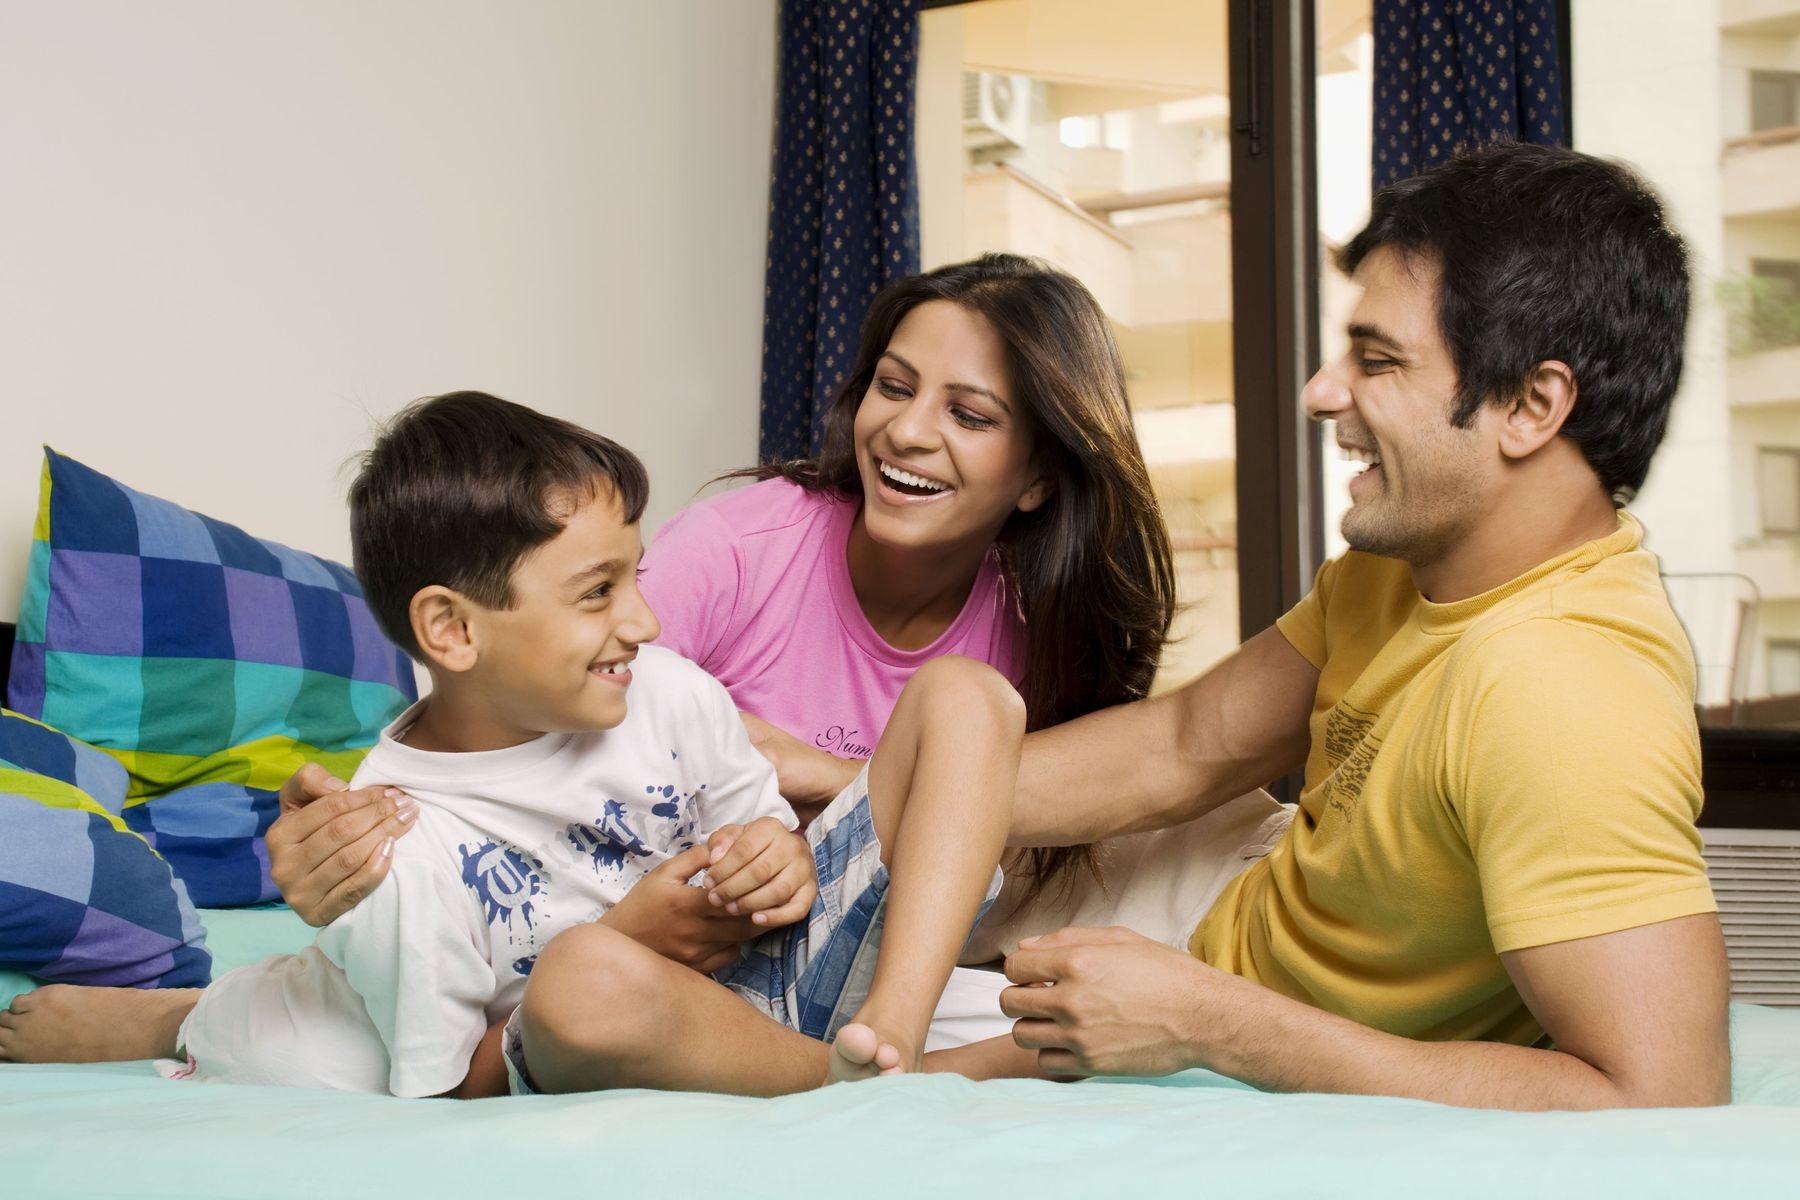 आख़िर क्यों ज़रूरी है आपके परिवार के लिए आर ओ और यू वी वॉटर प्यूरिफायर्स!